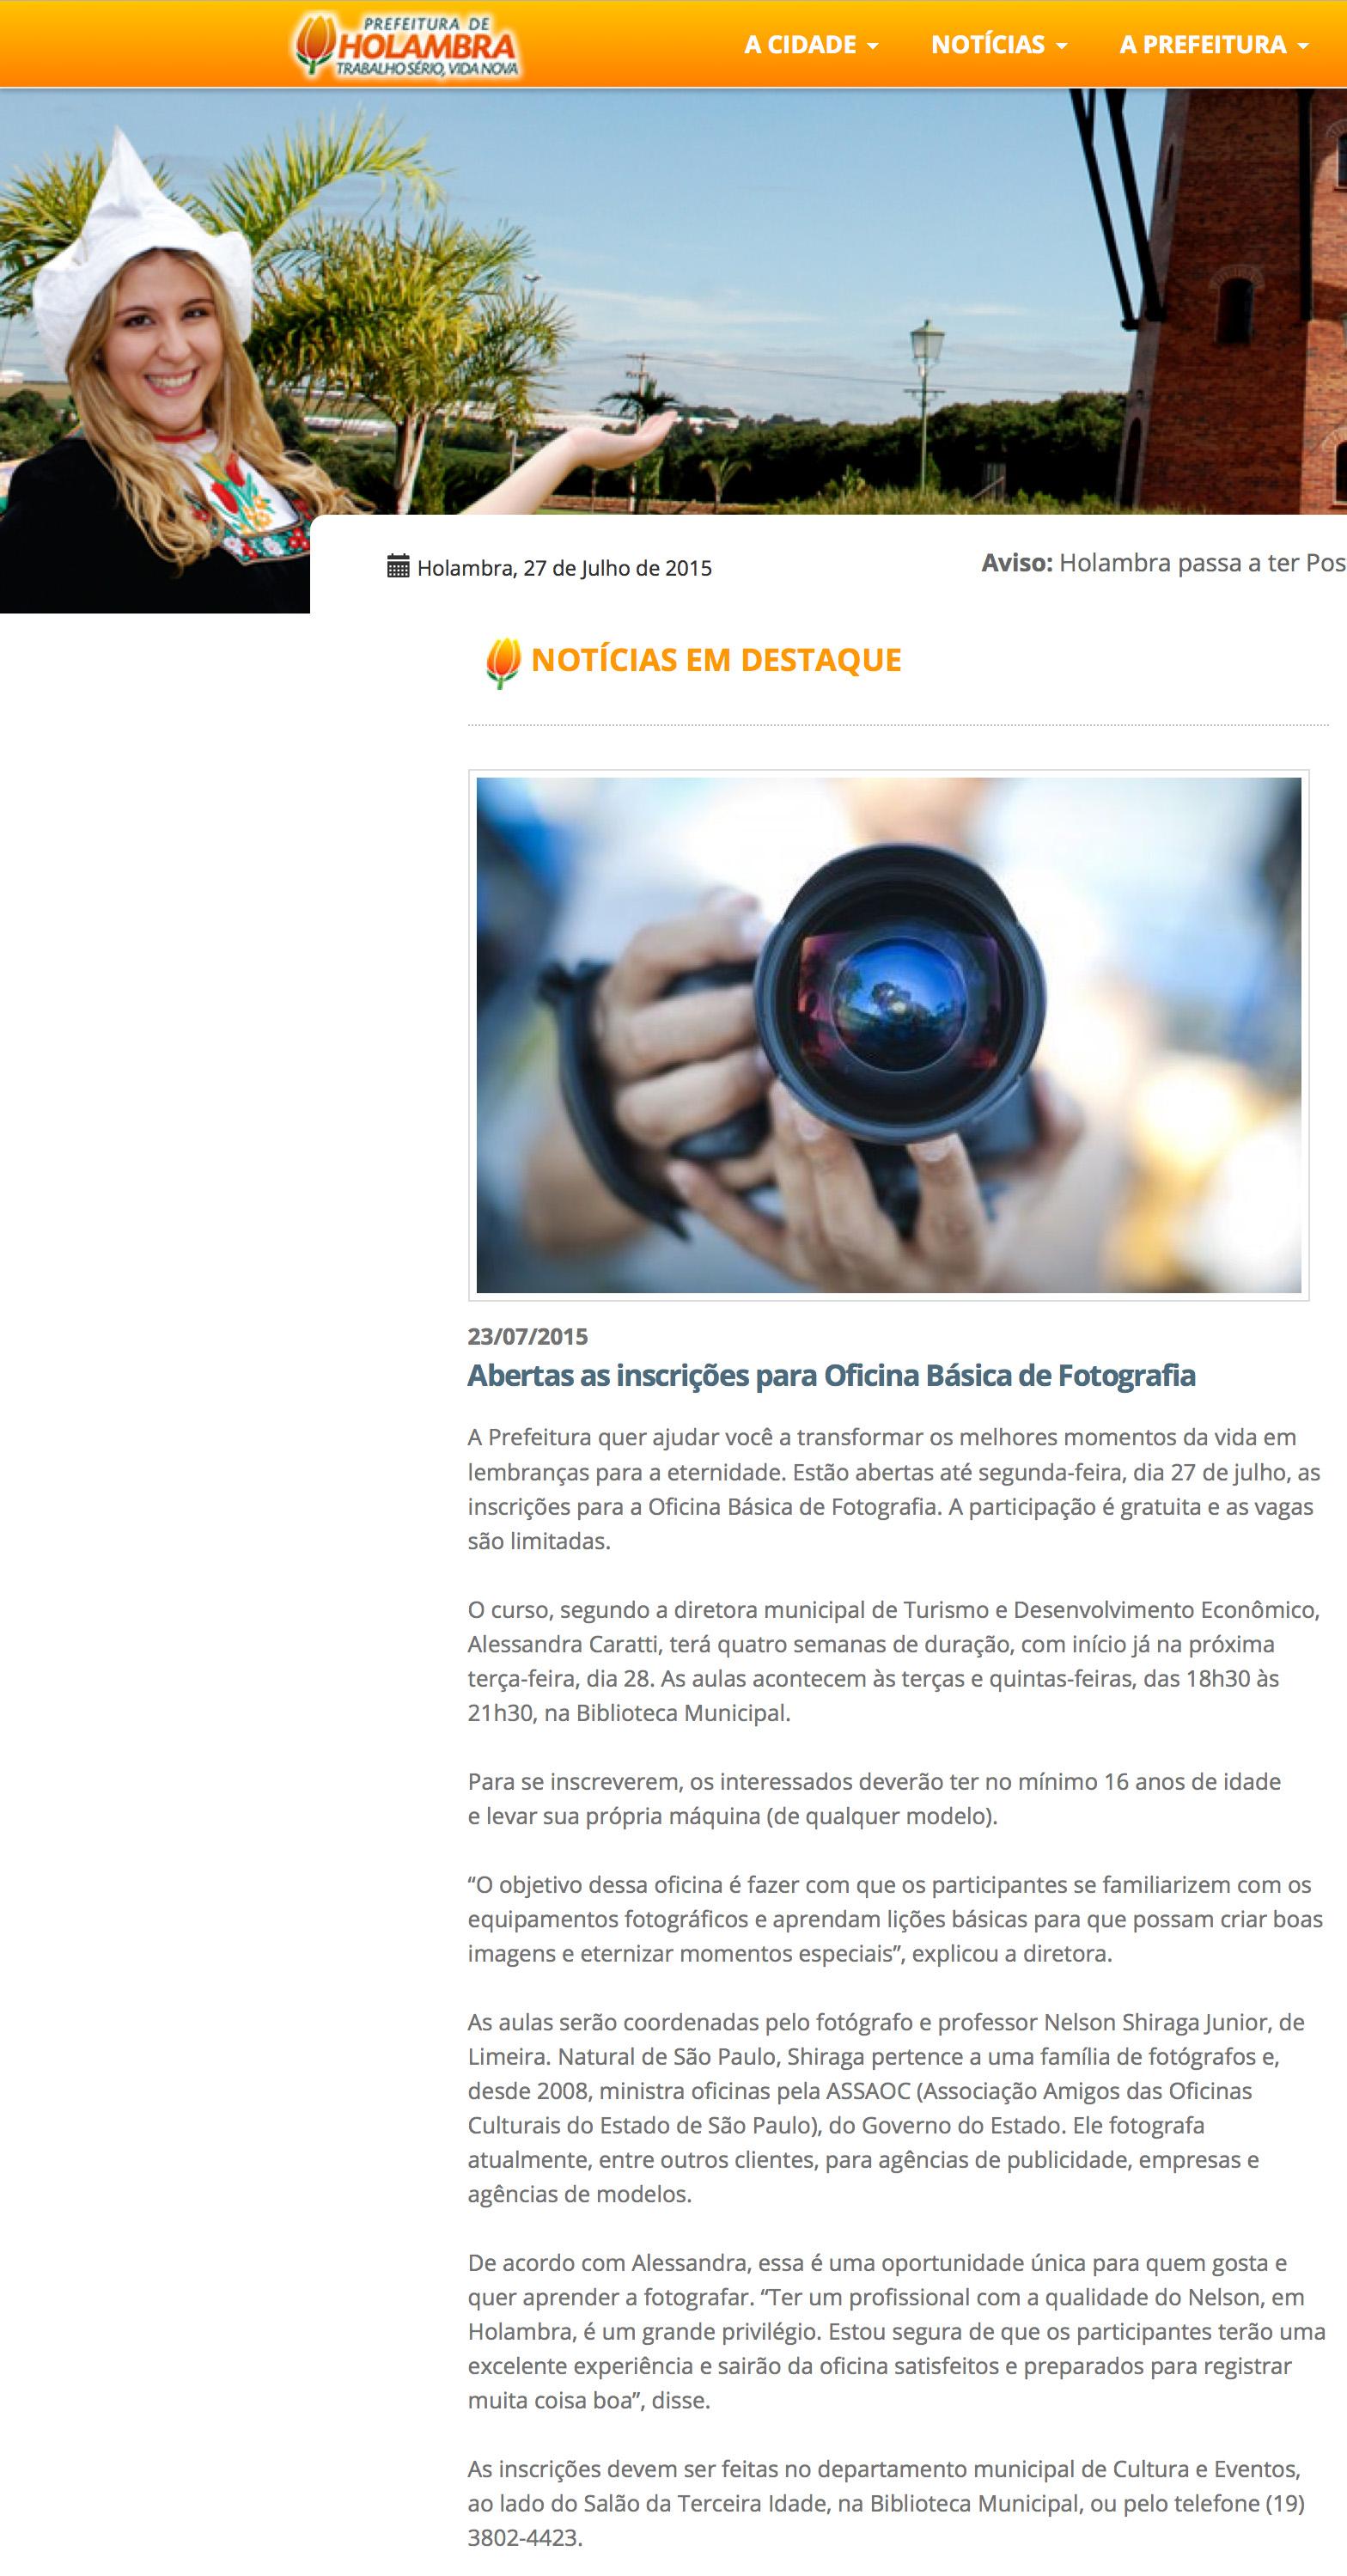 Oficina de fotografia em Holambra / SP